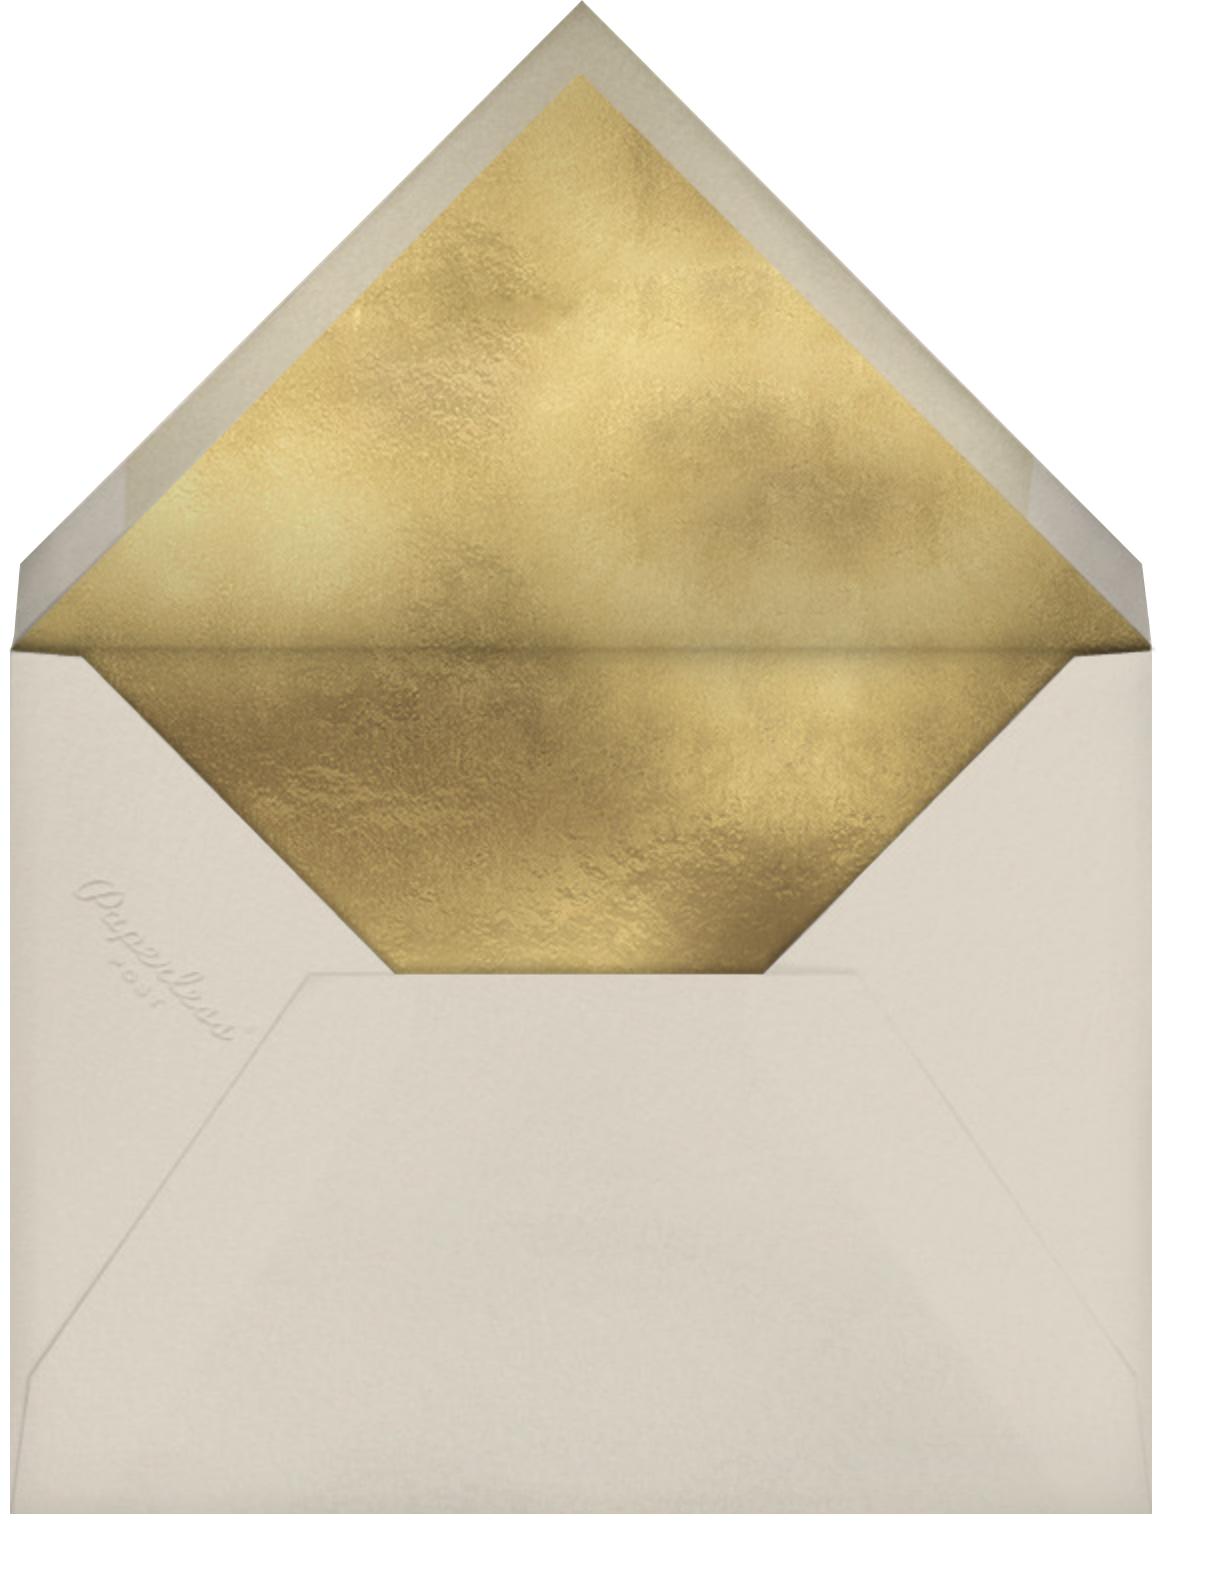 Ilona Stroke - Kelly Wearstler - Envelope